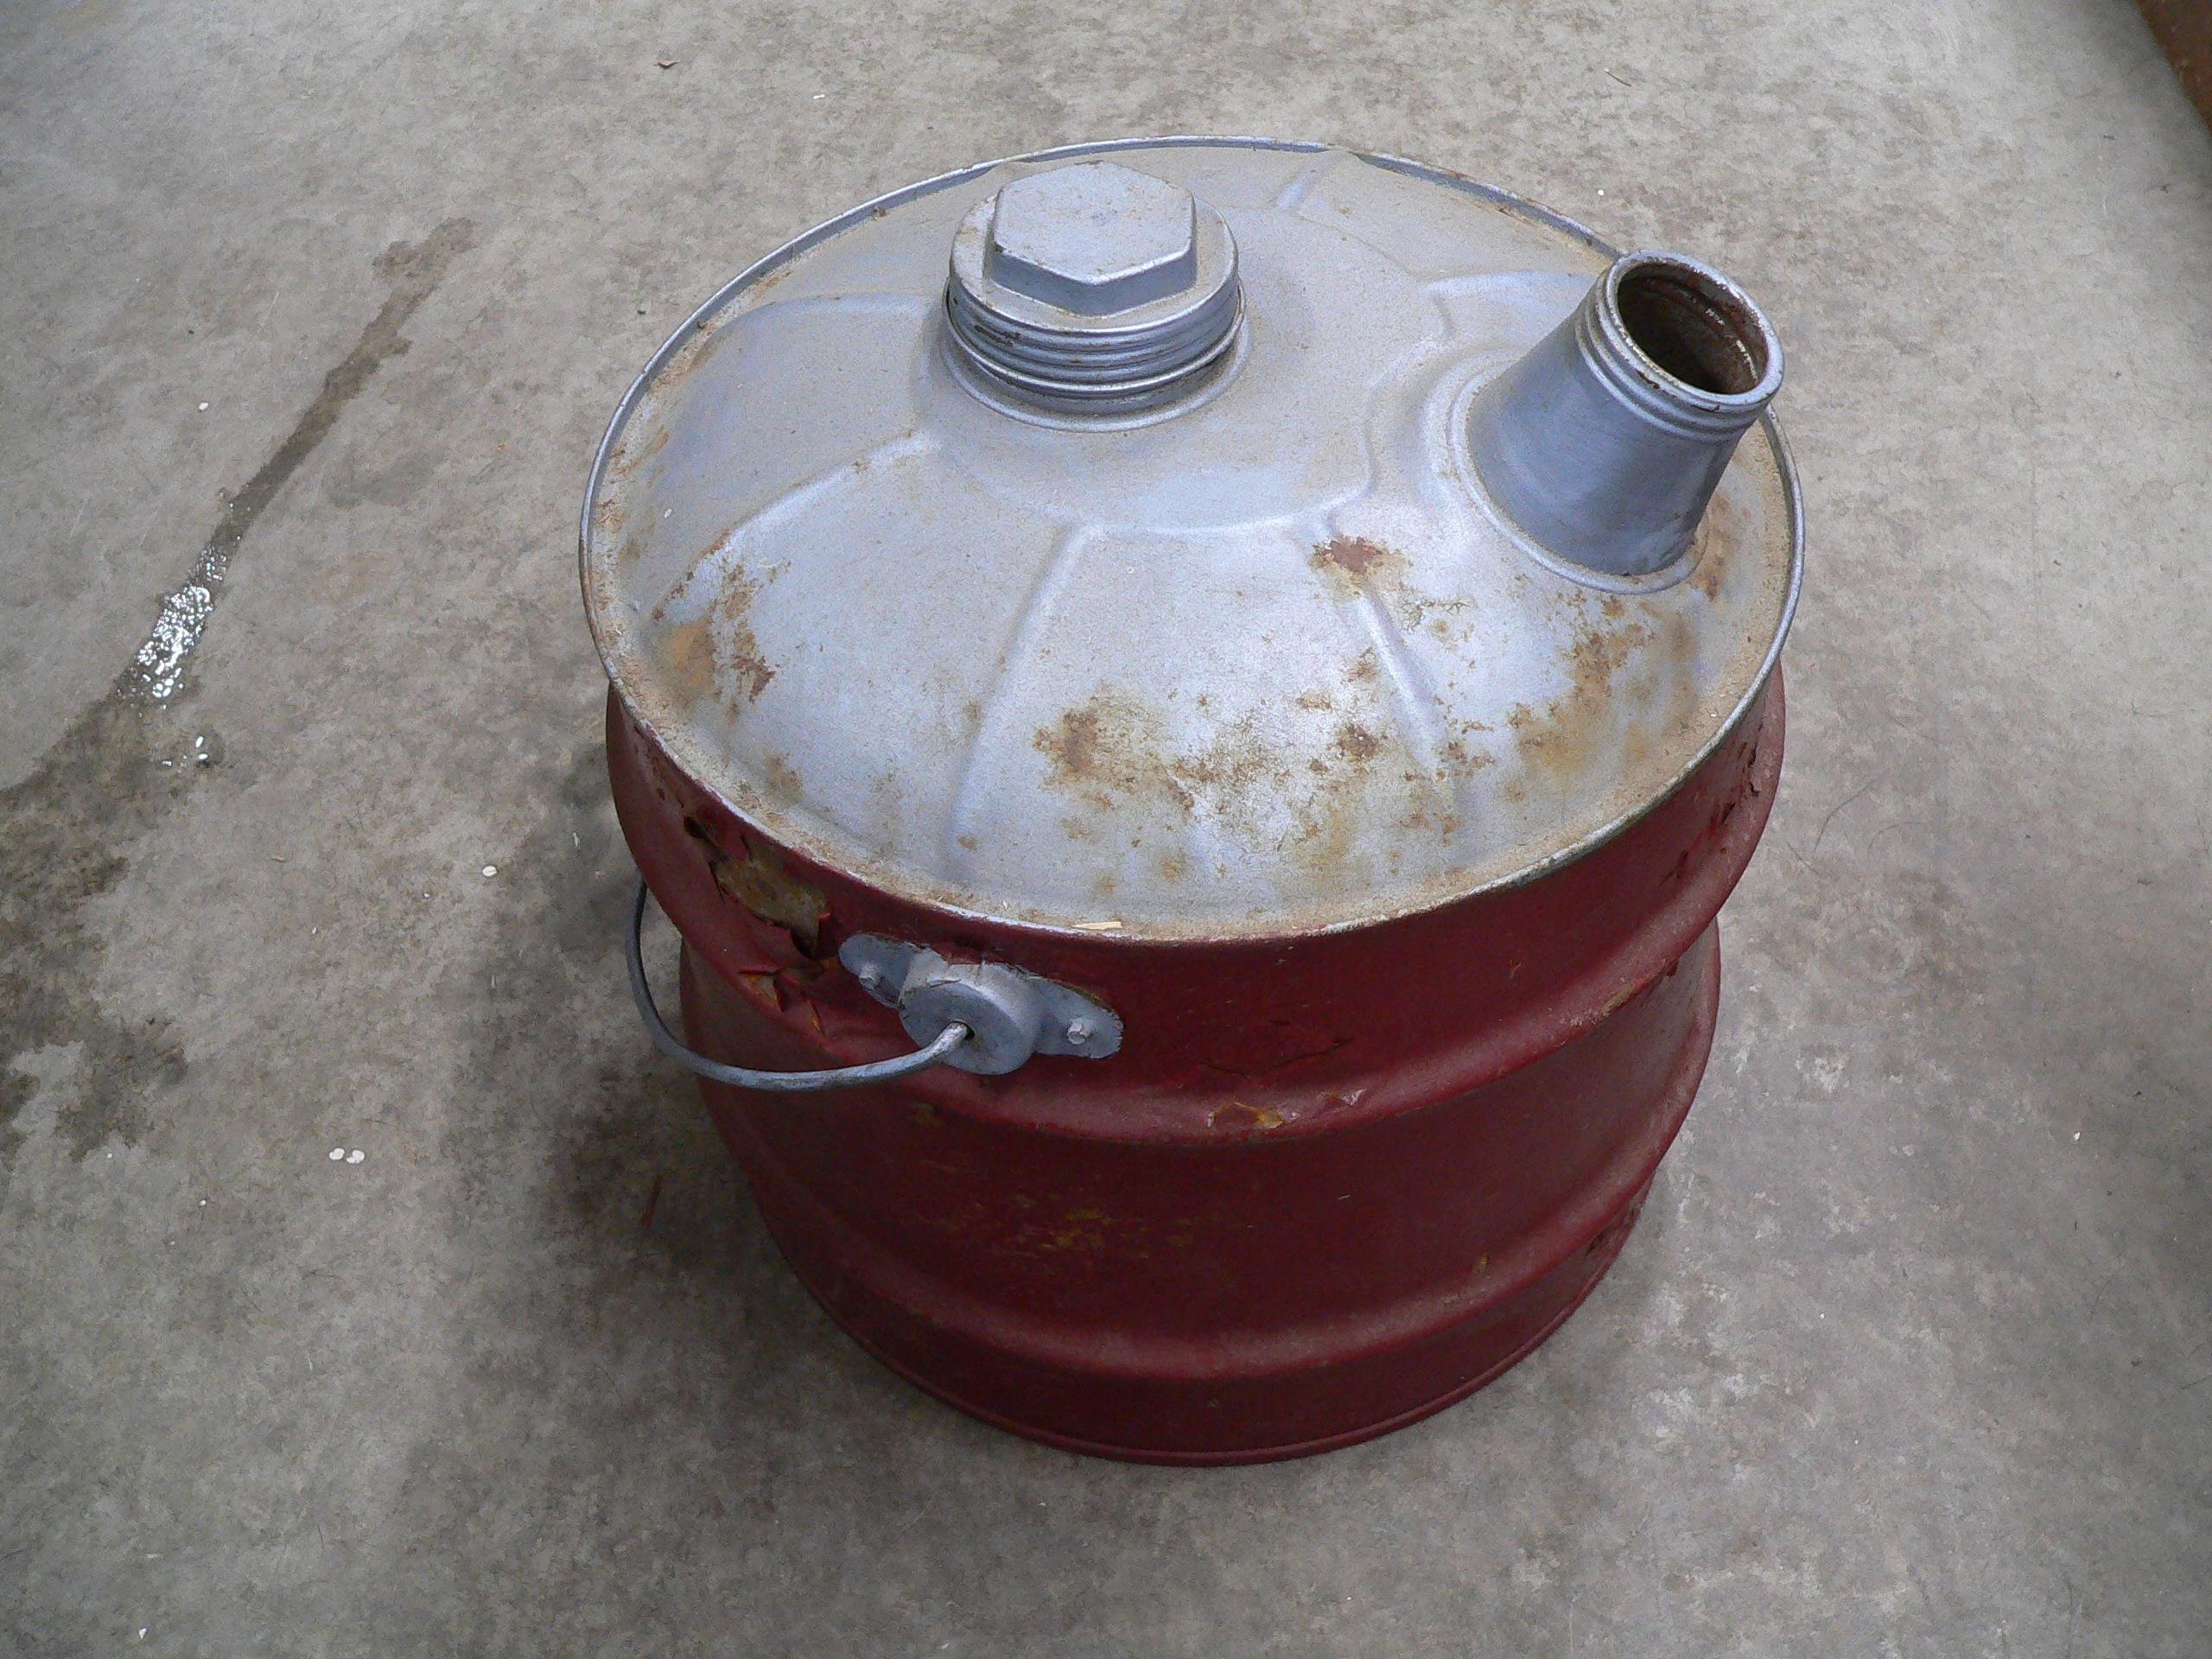 Bidon d'essence antique avec poignée en bois # 5114